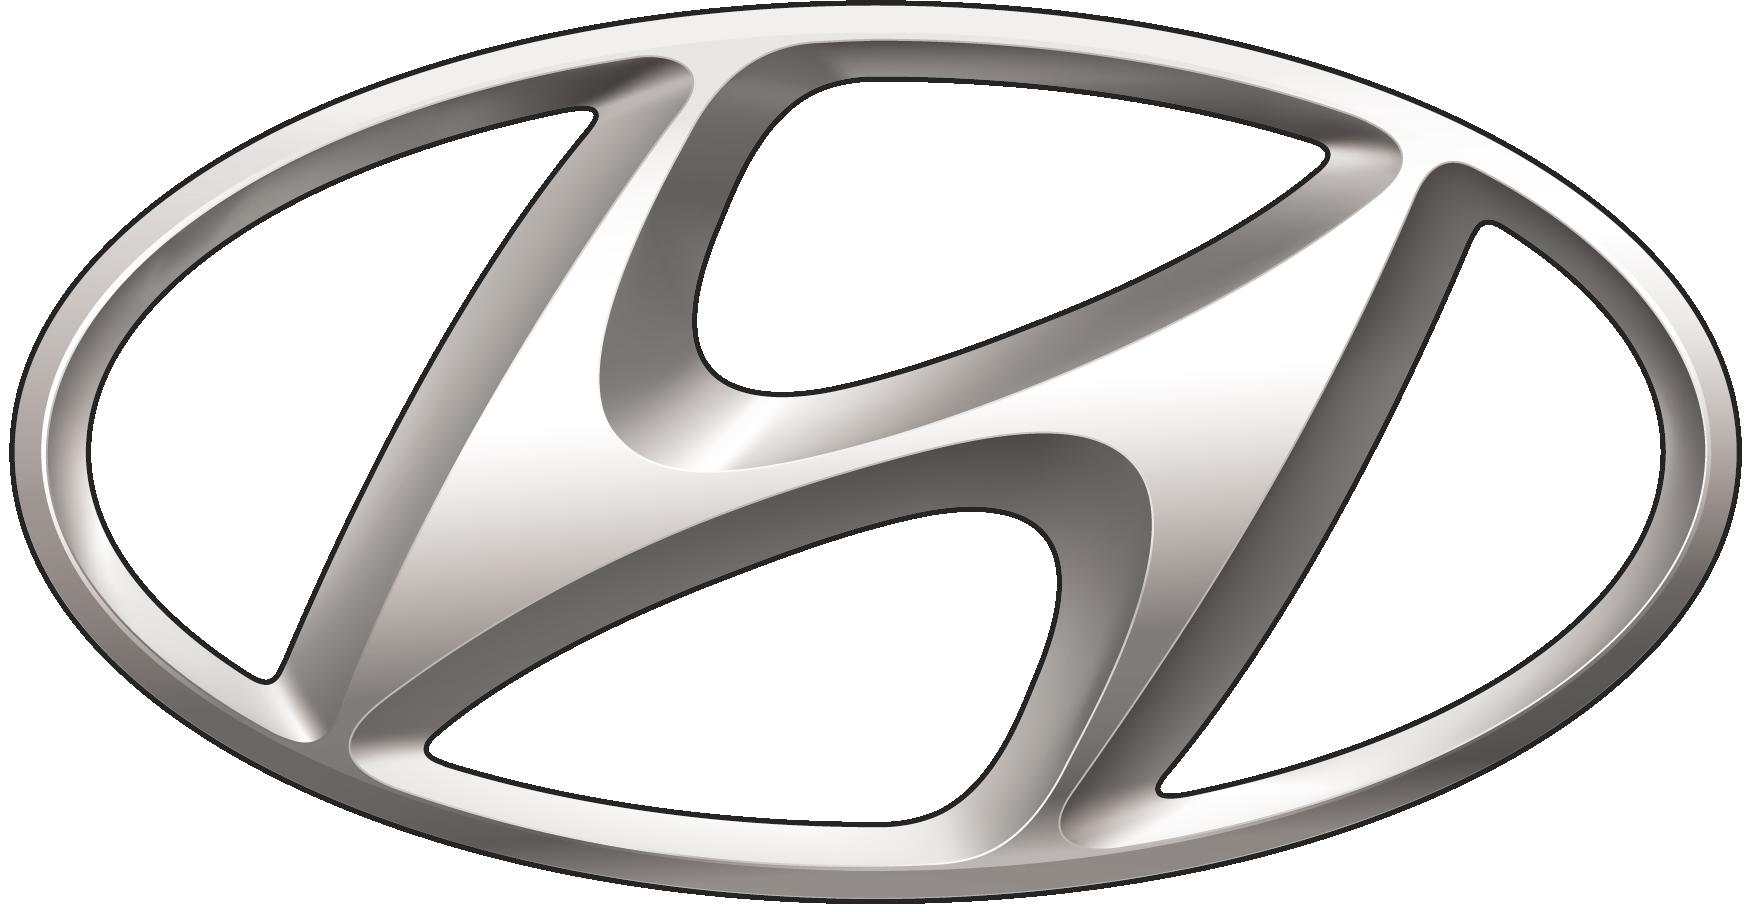 Hyundai_logo icon download png